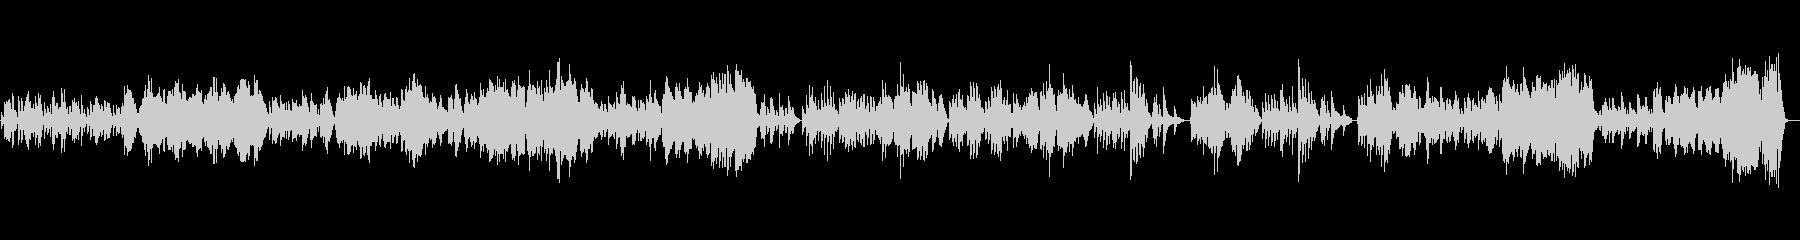 バイオリンソナタK.304 第2楽章の未再生の波形